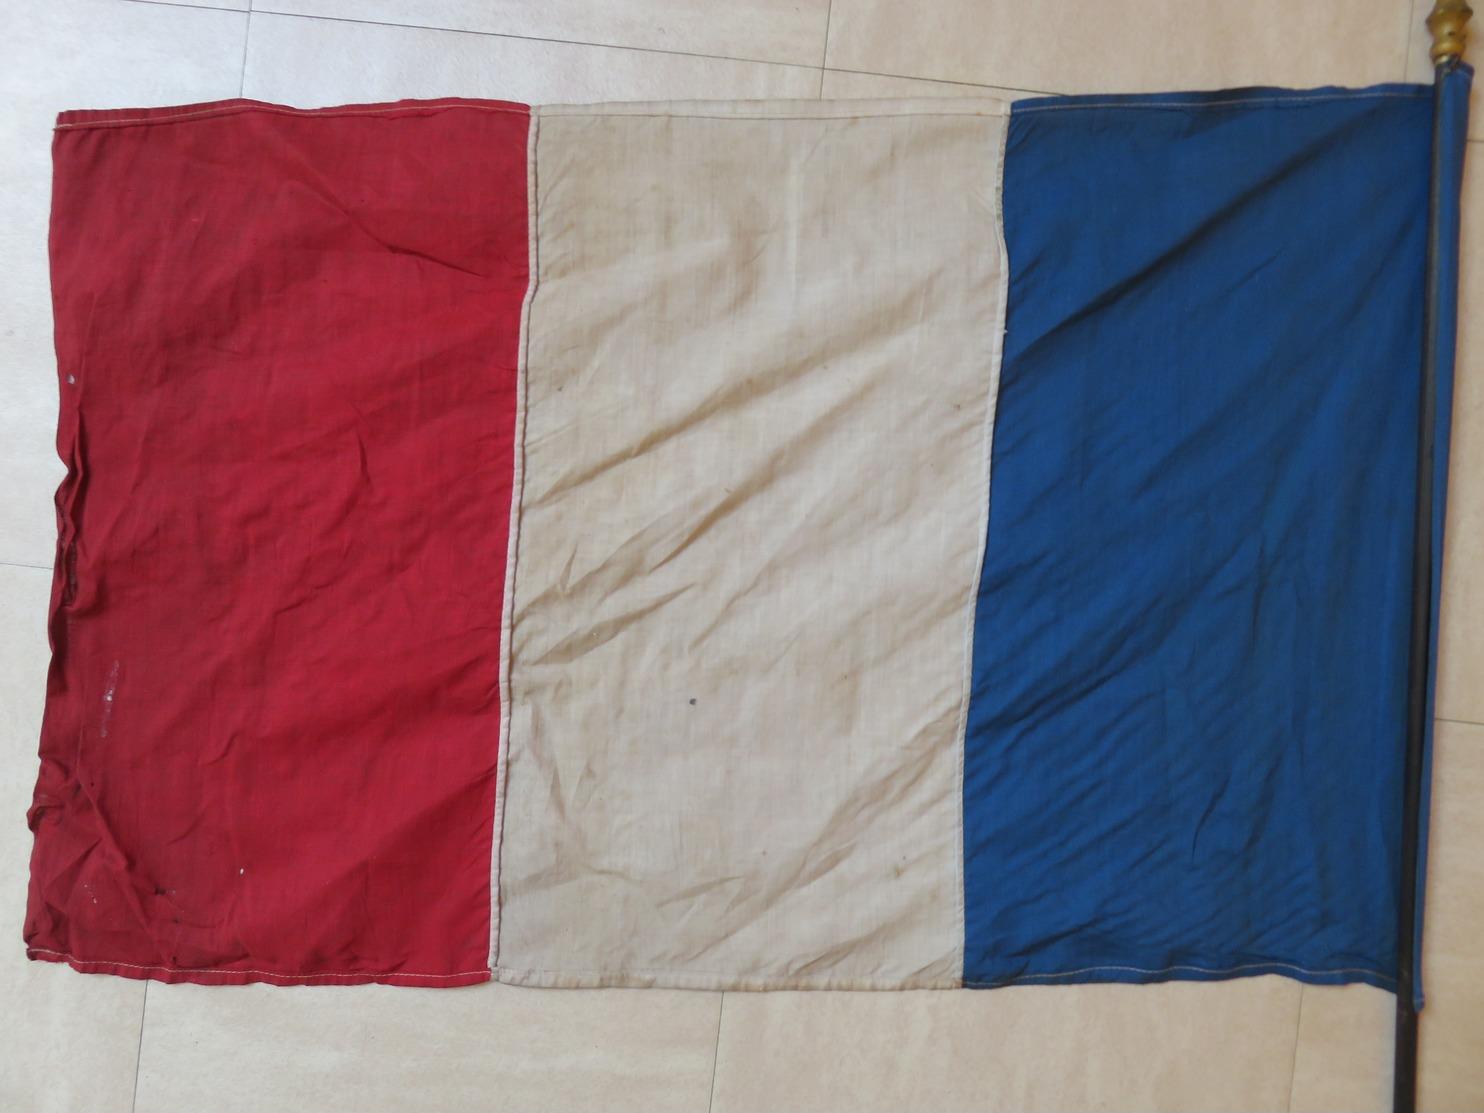 Ancien Drapeau Français WW2 1939 1944 A Identifié ! INTROUVABLE Sur Internet ! Ww1 ? 1914 1918 14 18 39 44 Guerre Armée - Flags